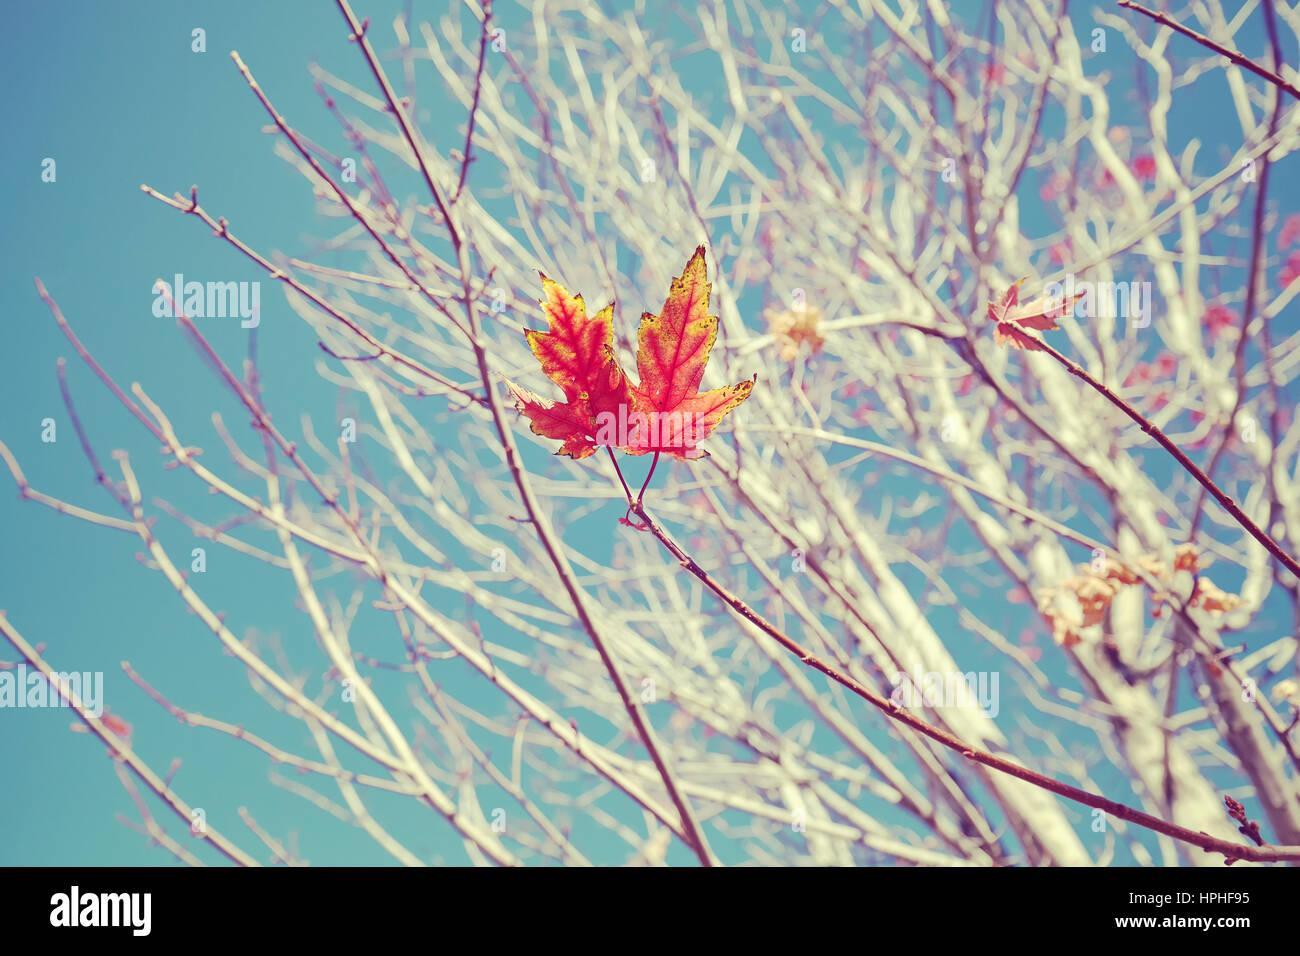 Retro-die stilisierte Abbildung des letzten Blätter am Baum, Tiefenschärfe, Natur Hintergrund. Stockbild